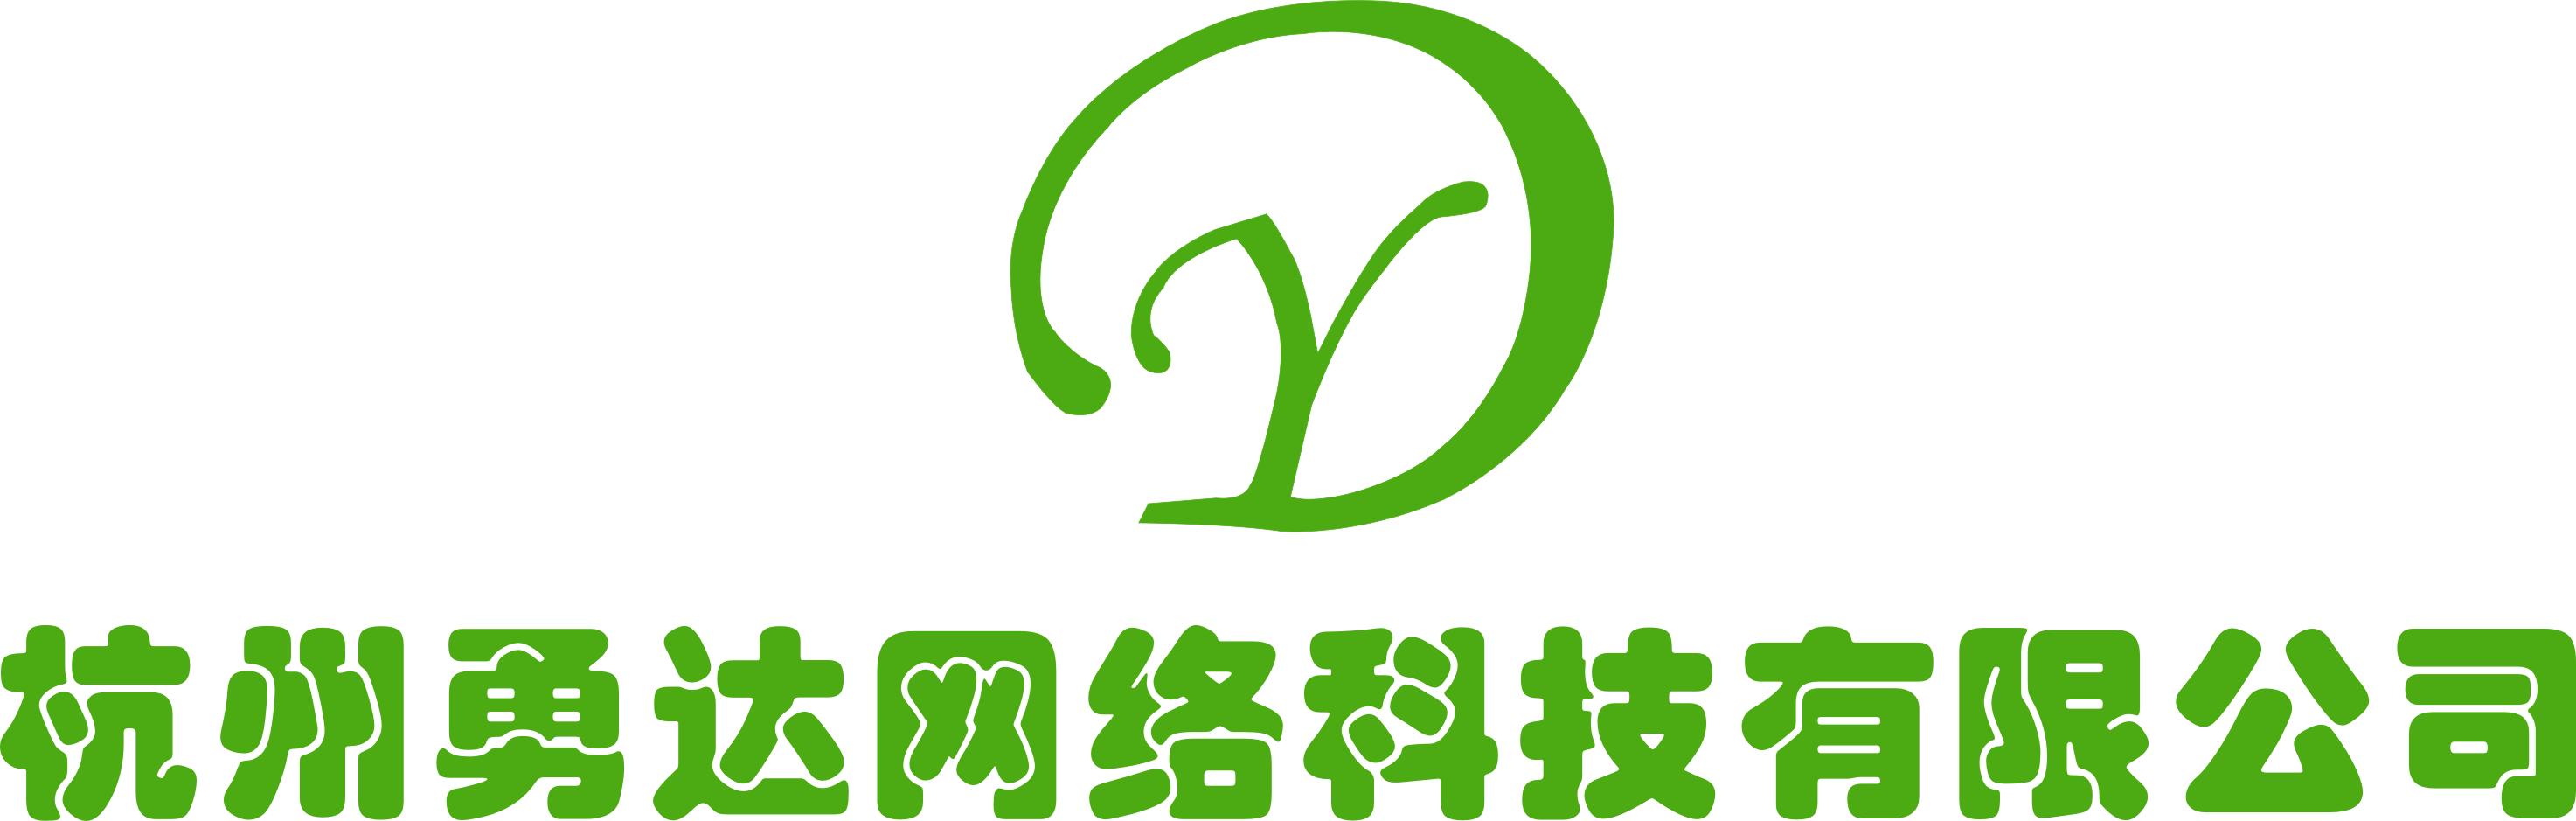 杭州勇达网络科技有限公司